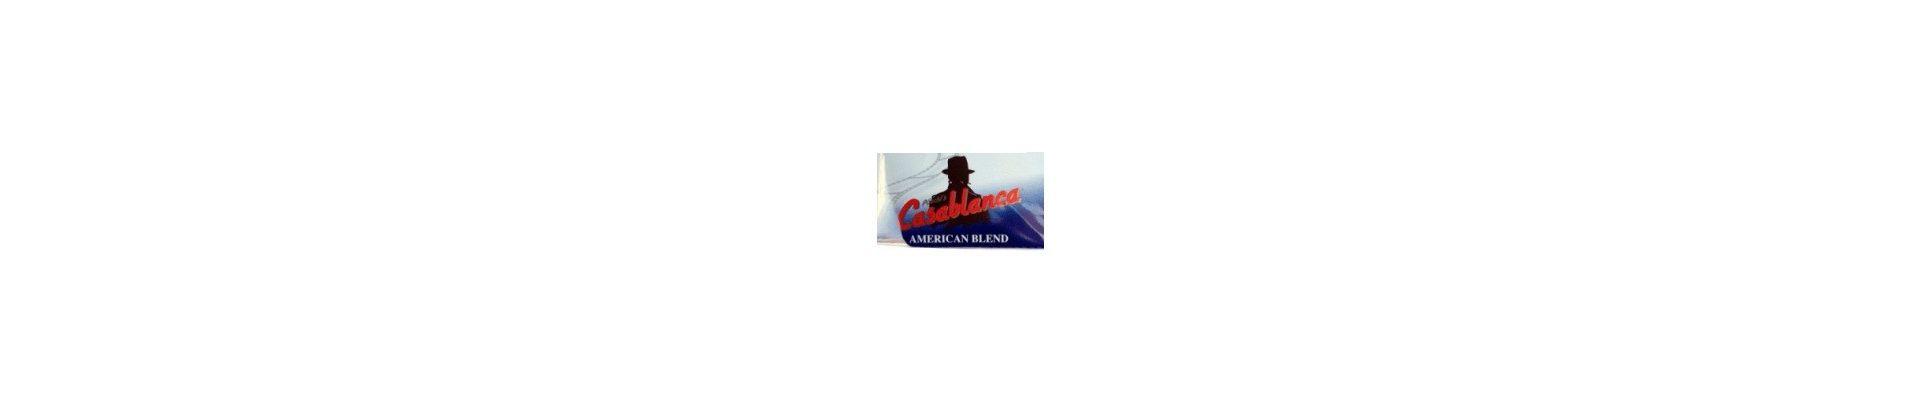 Tutun de rulat Casablanca de vanzare.Tutungerie cu cel mai bun pret